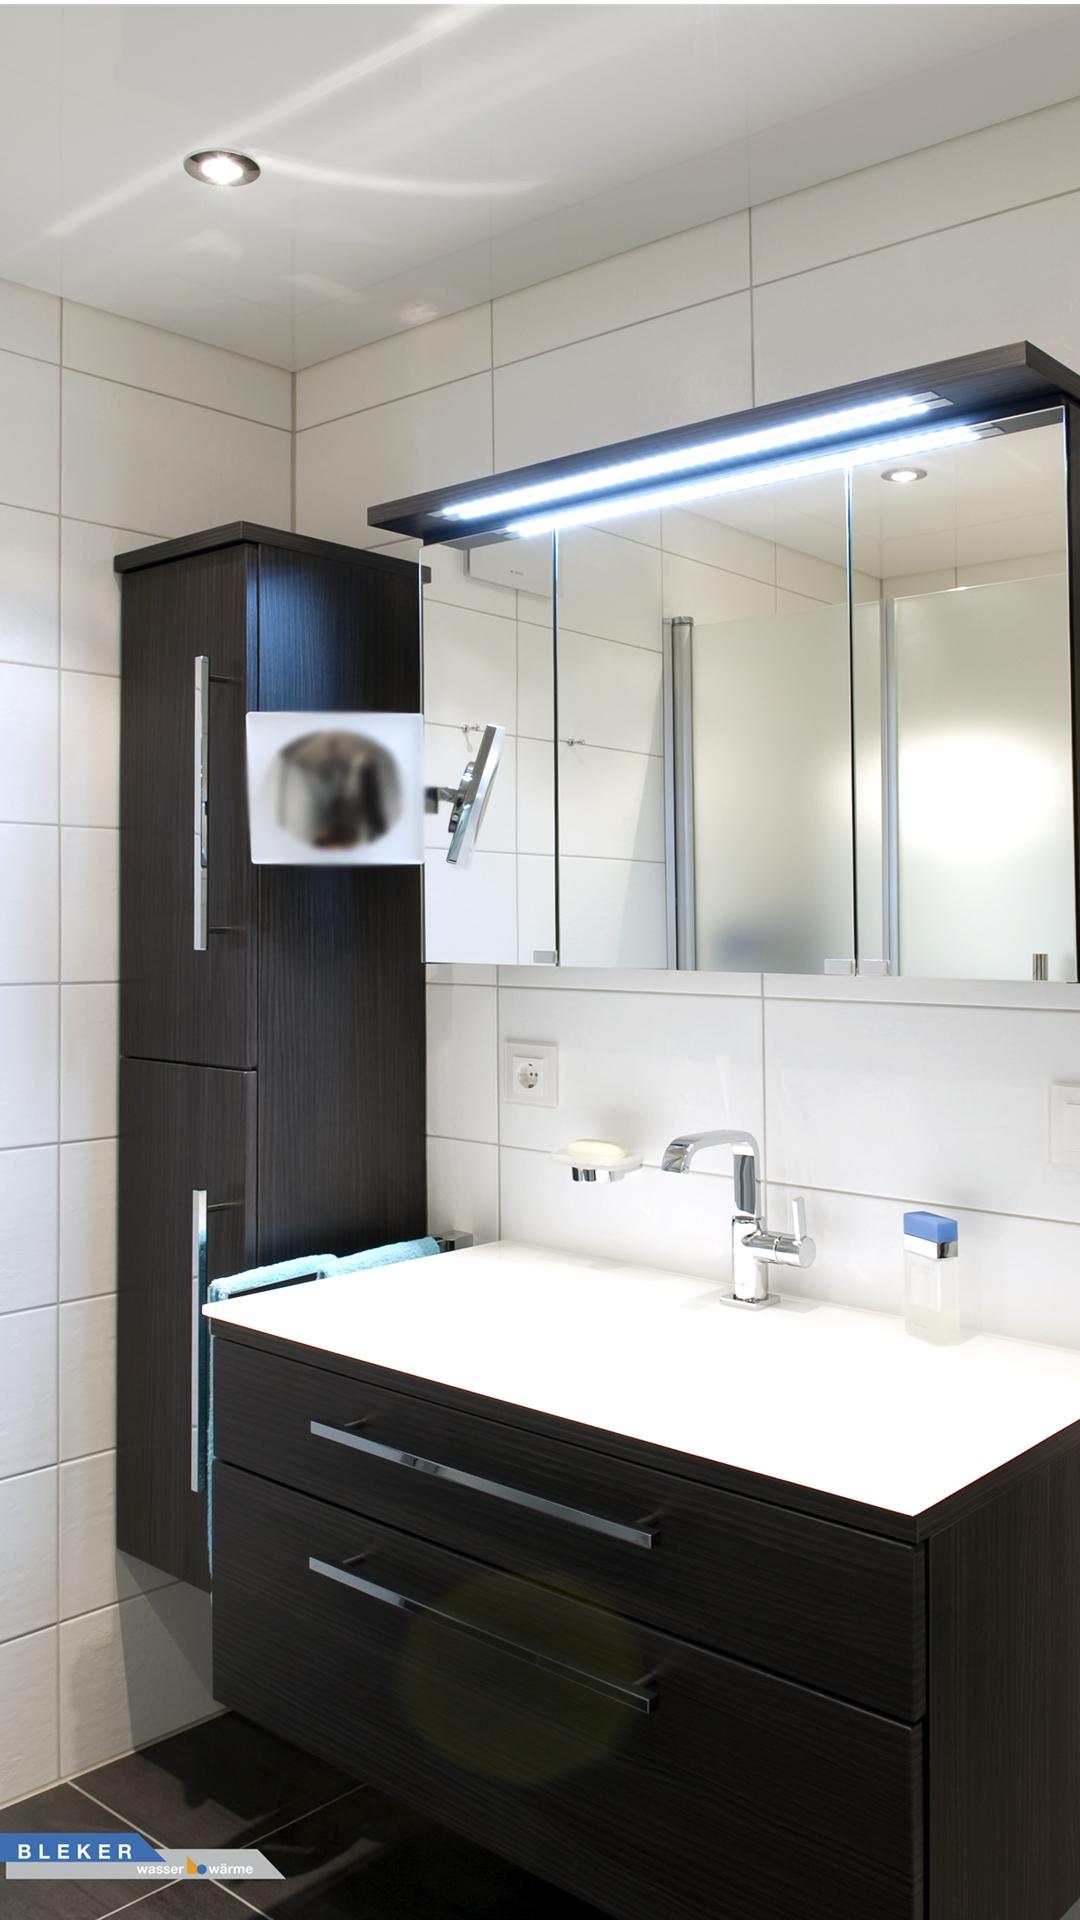 Bad-Waschtischanlage in schwarzbraun